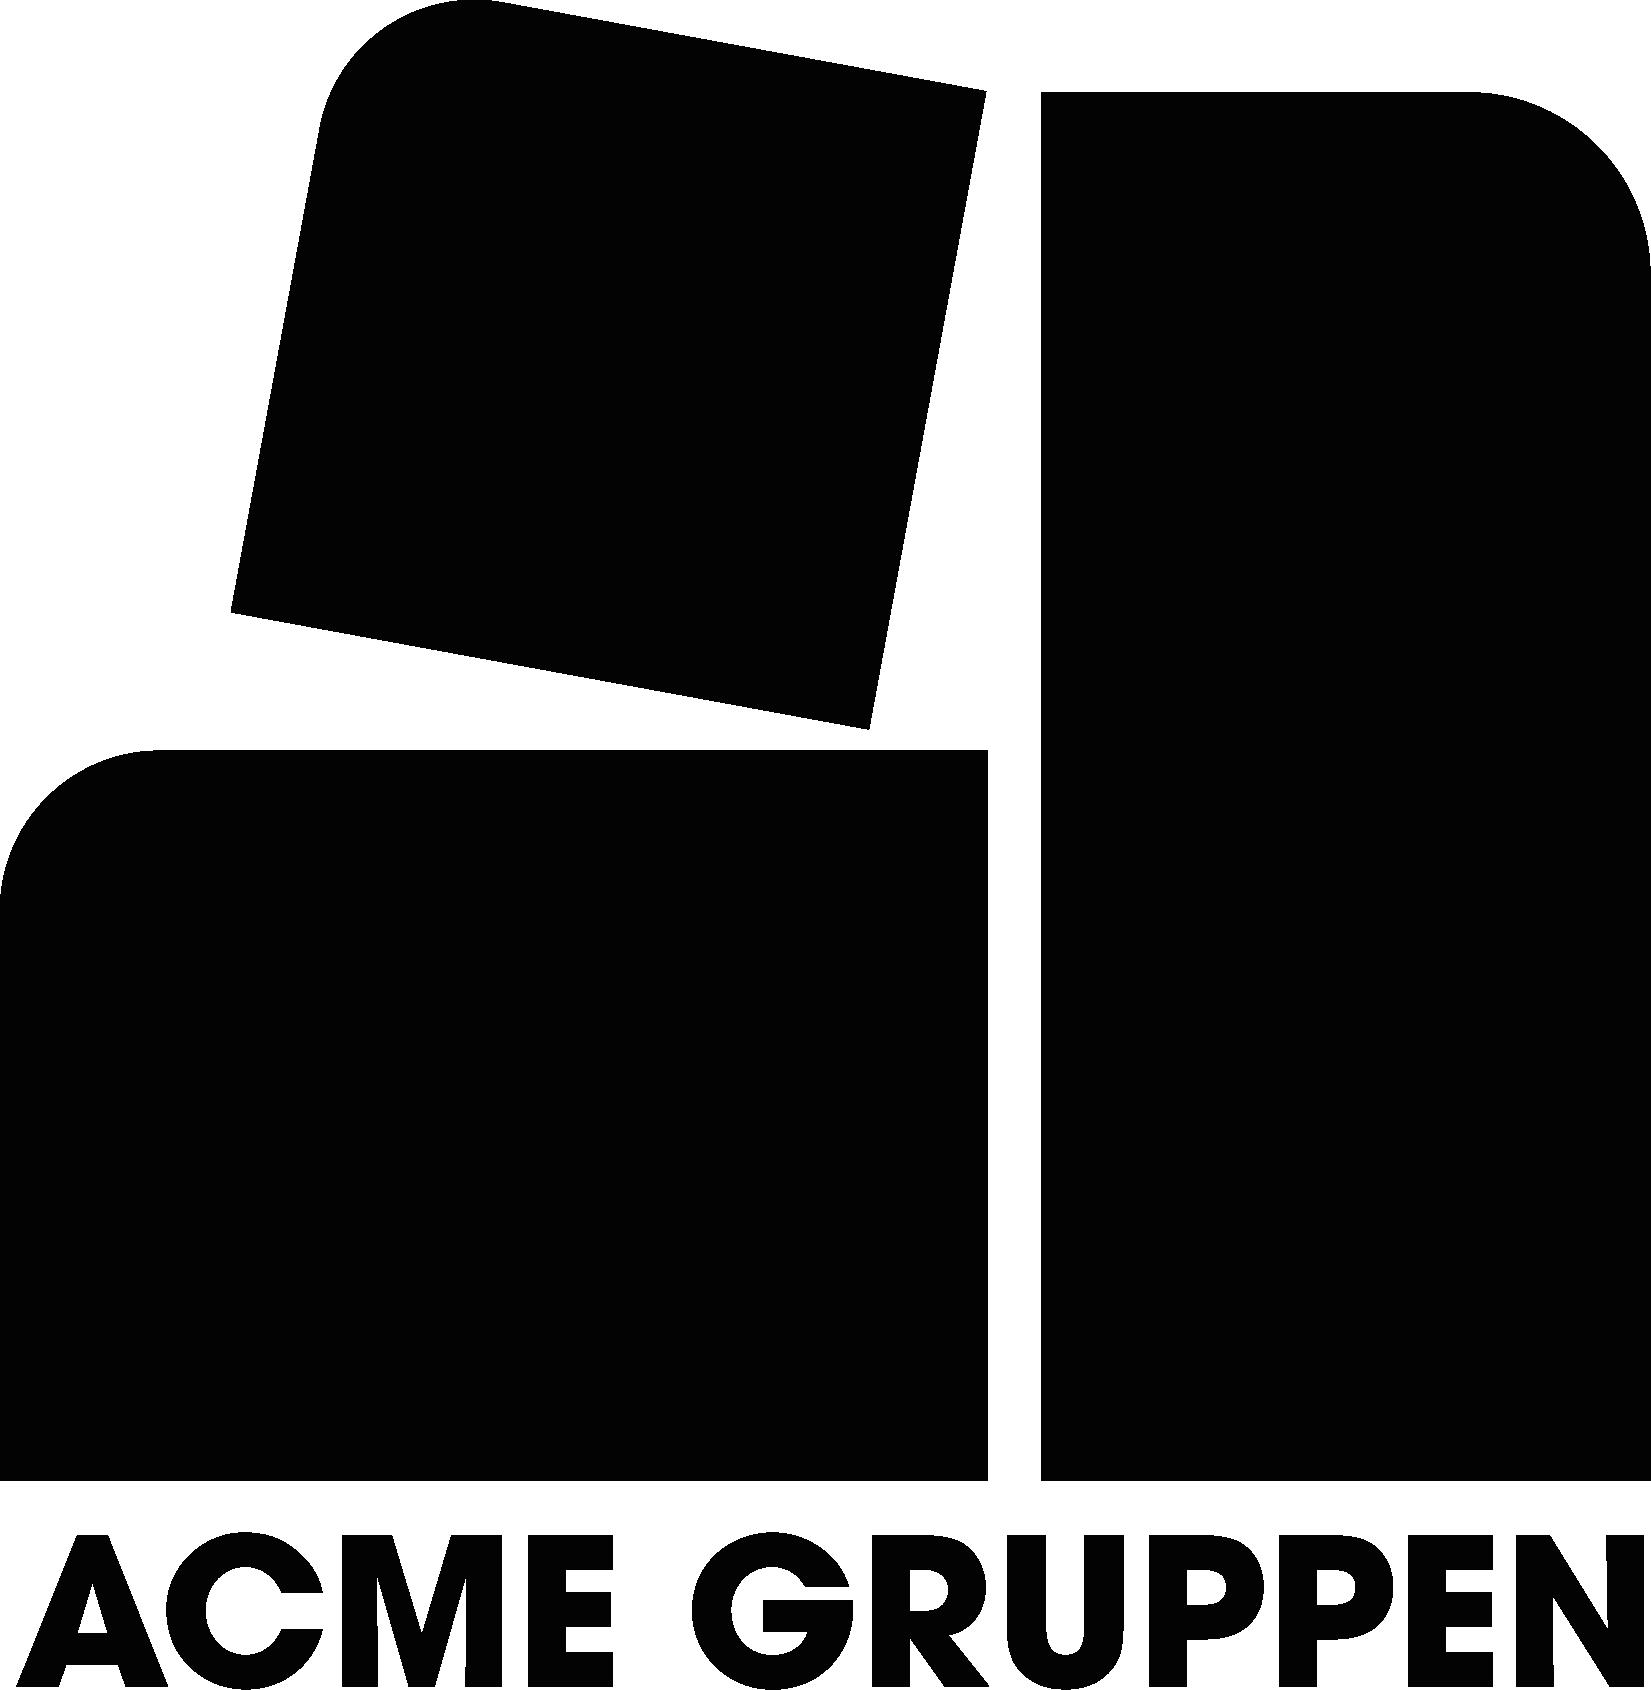 Acme gruppen logo